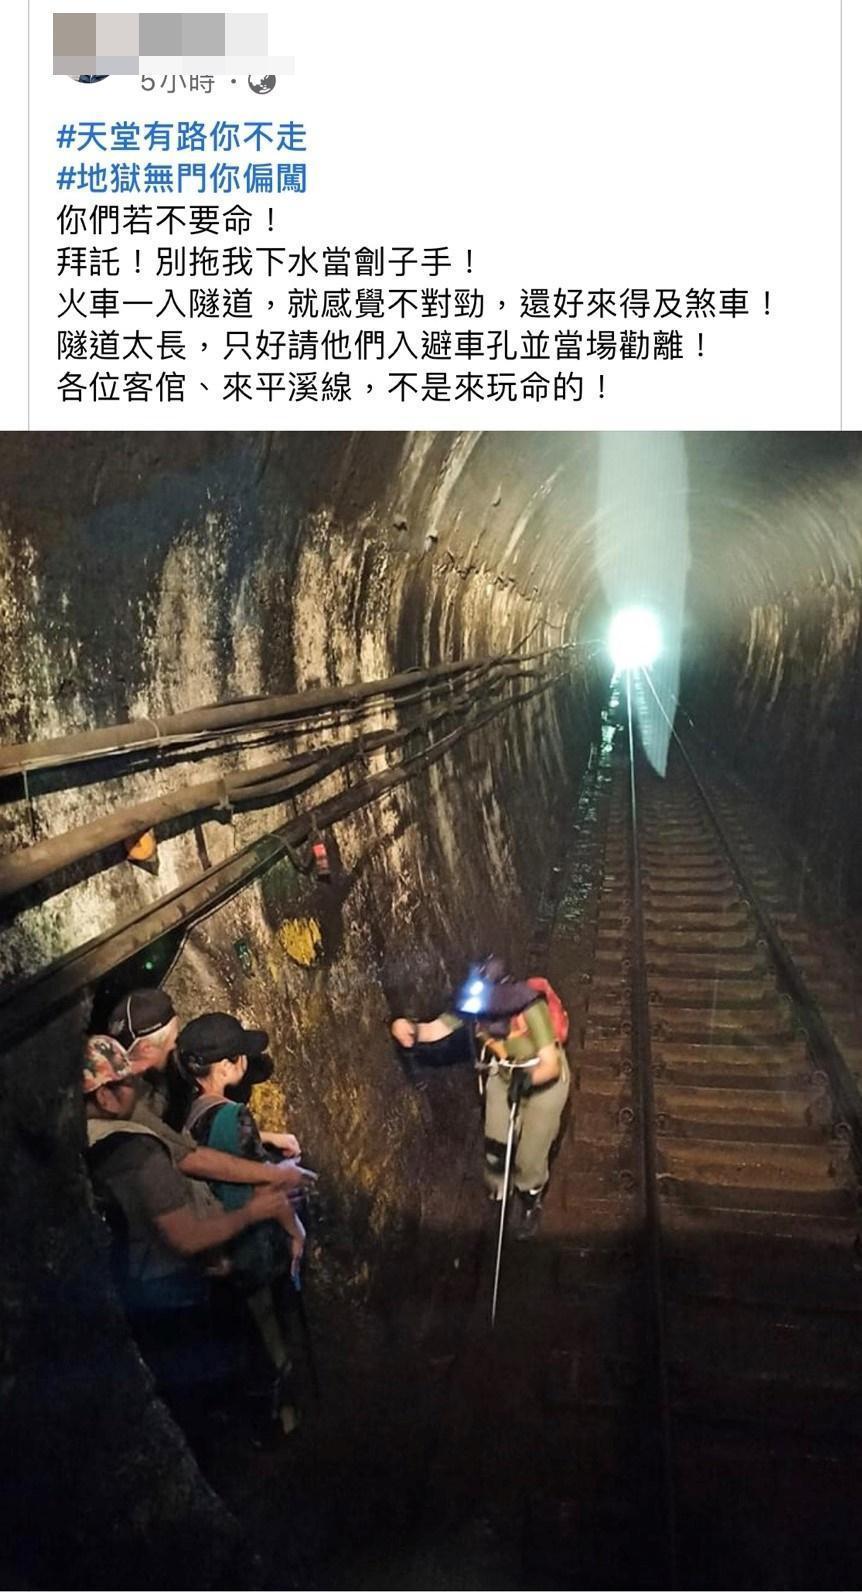 4名遊客闖入火車隧道中,讓資深司機員大呼,「你們若不要命!拜託!別拖我下水當劊子手!」(翻攝自臉書)